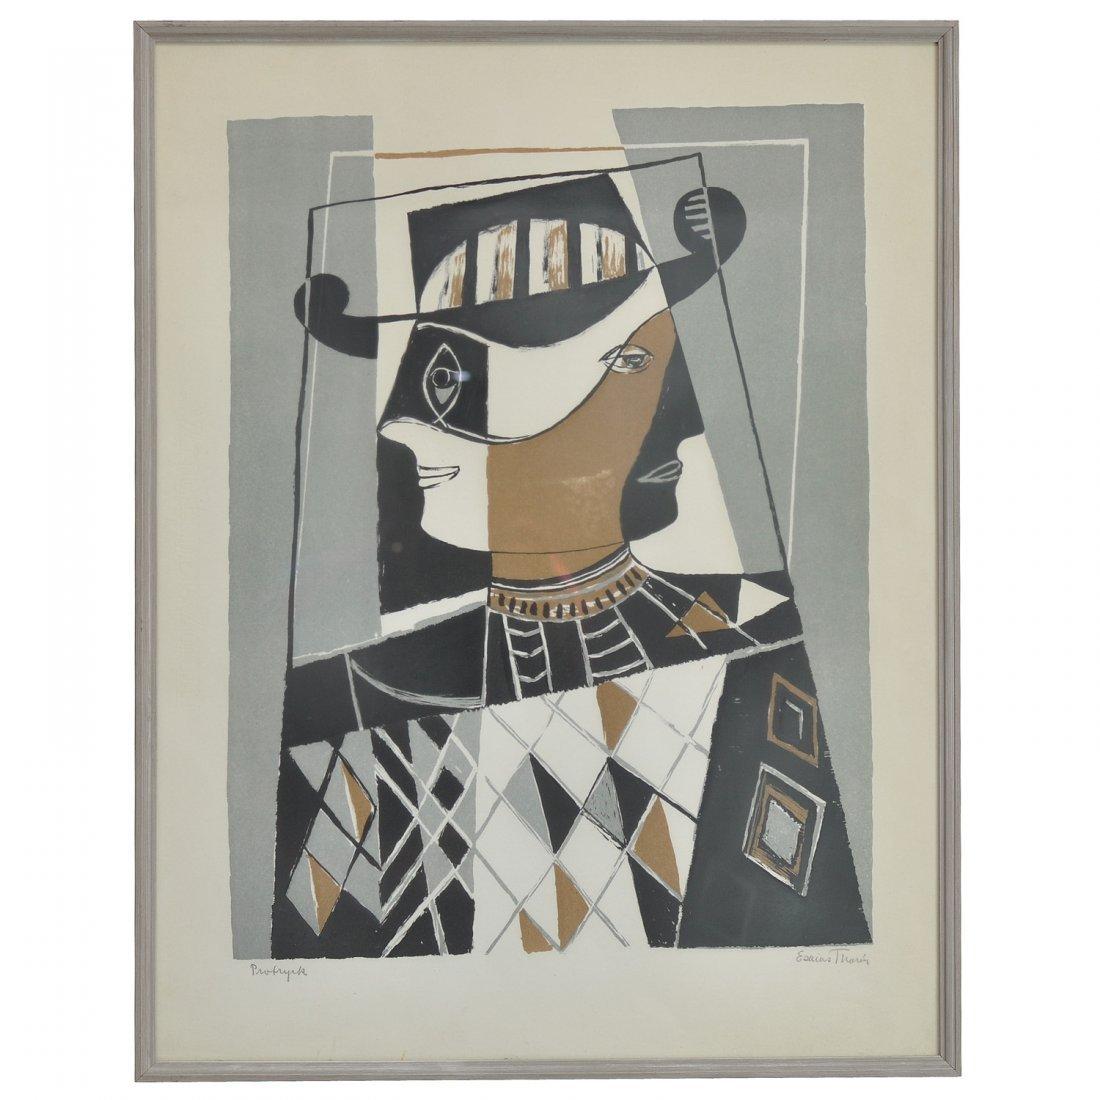 63: ESAIAS THORÈN (1901-1981), litografi